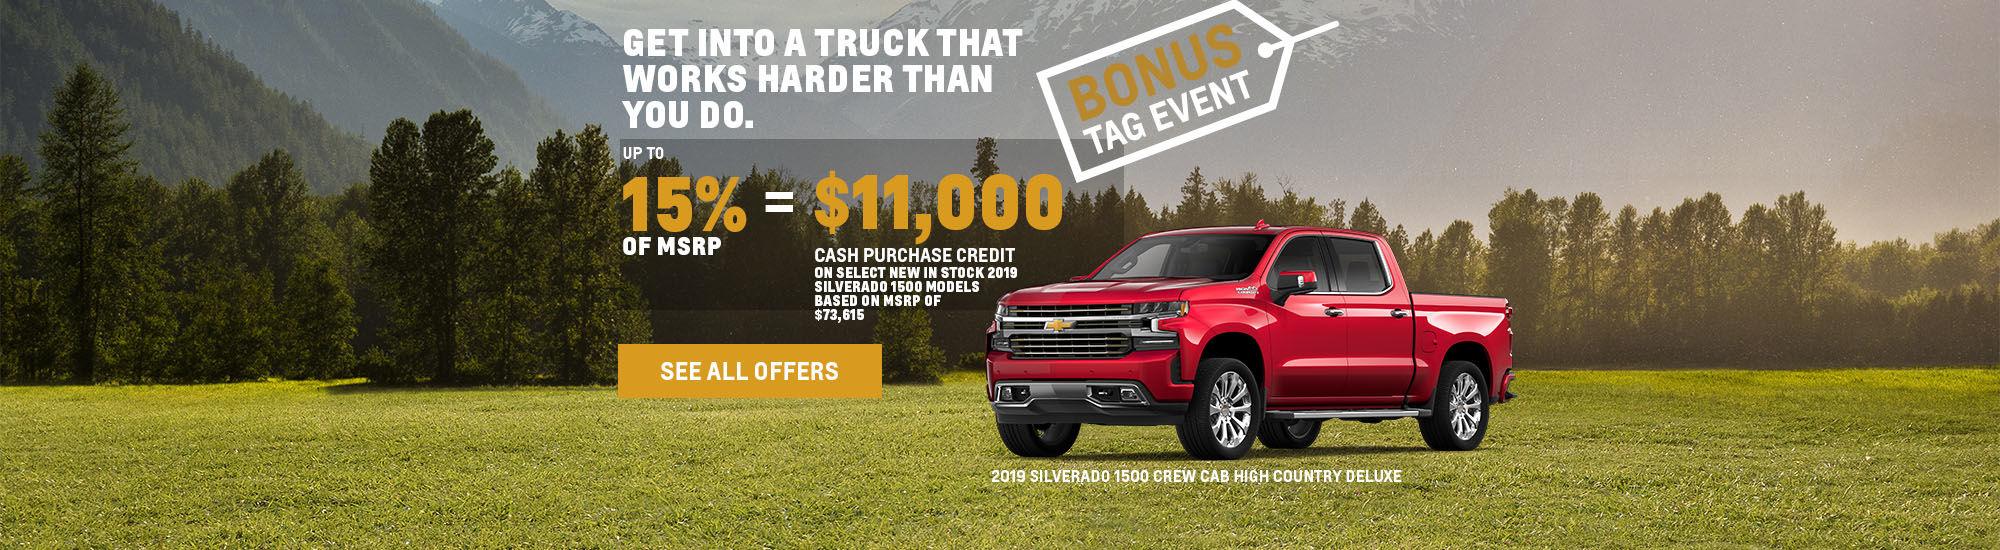 Chevrolet Bonus Tag Event event